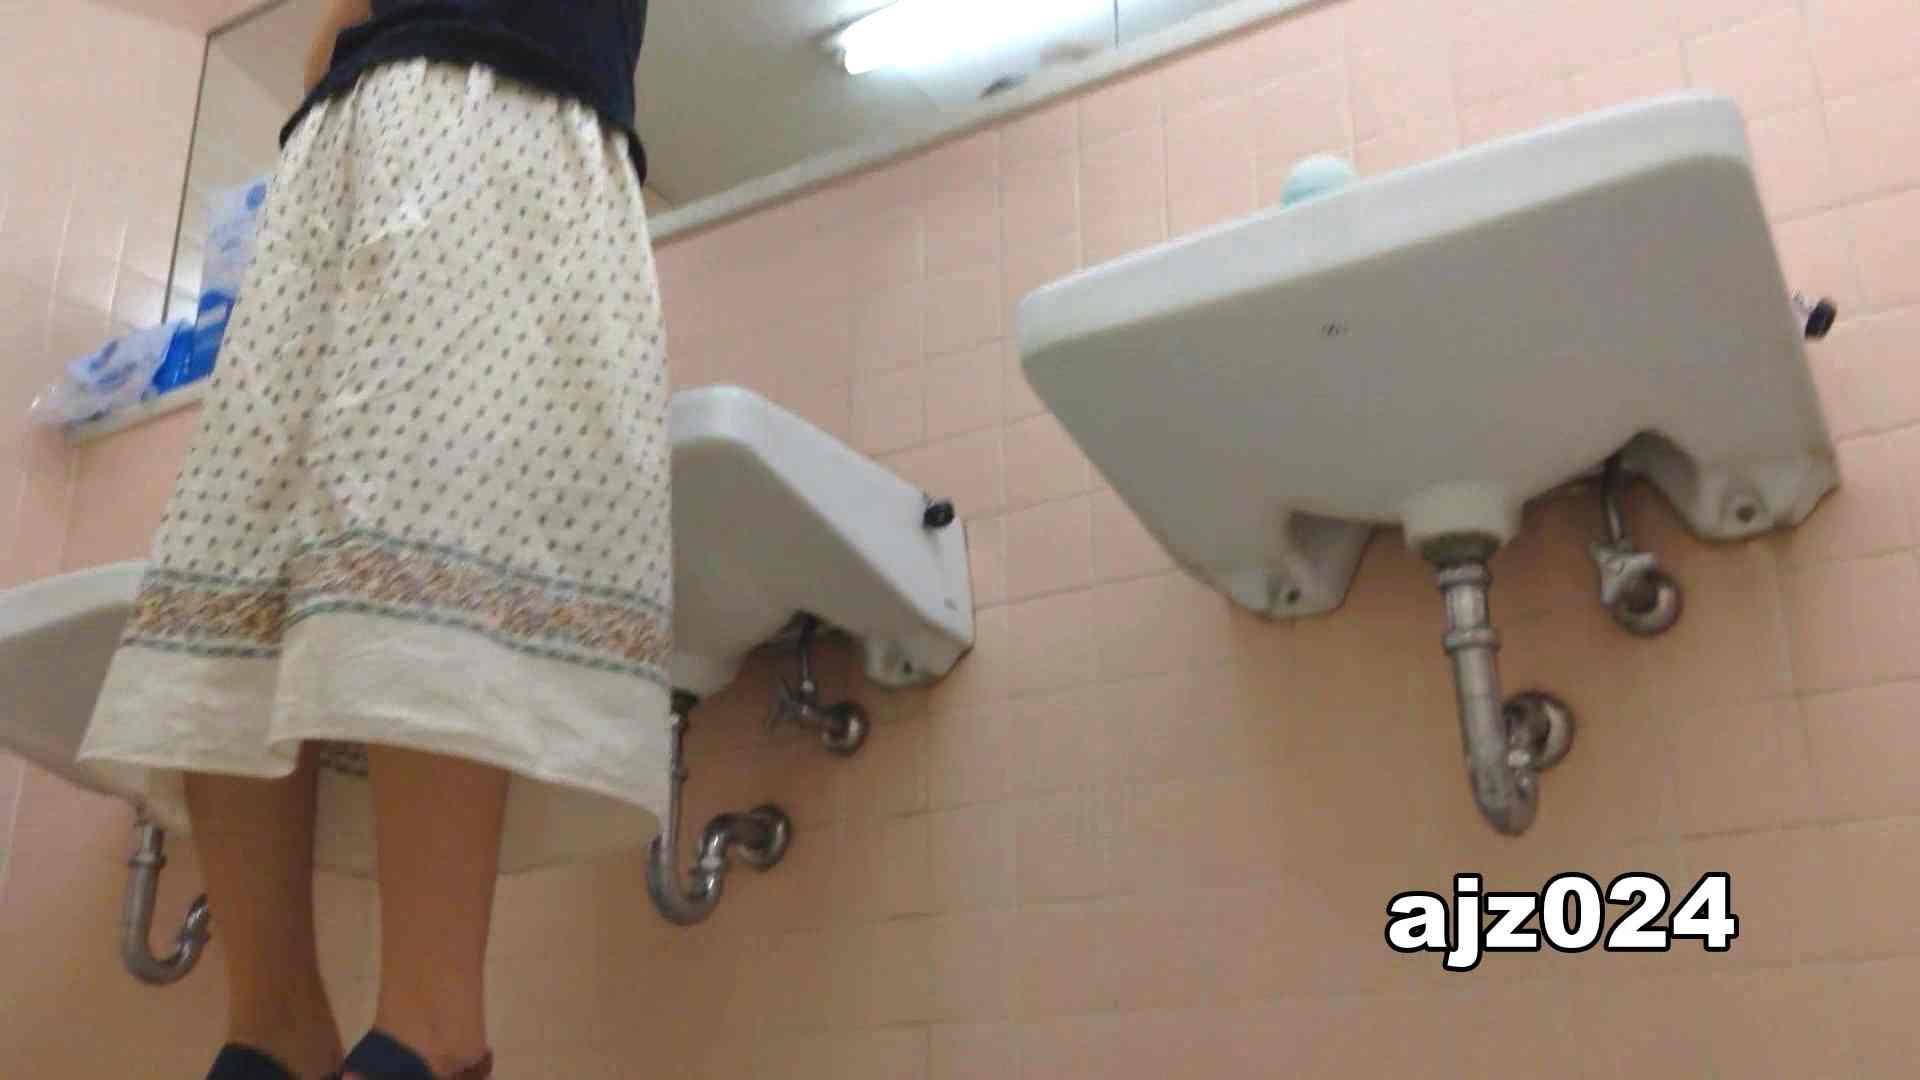 某有名大学女性洗面所 vol.24 潜入 | 和式  56PIX 13